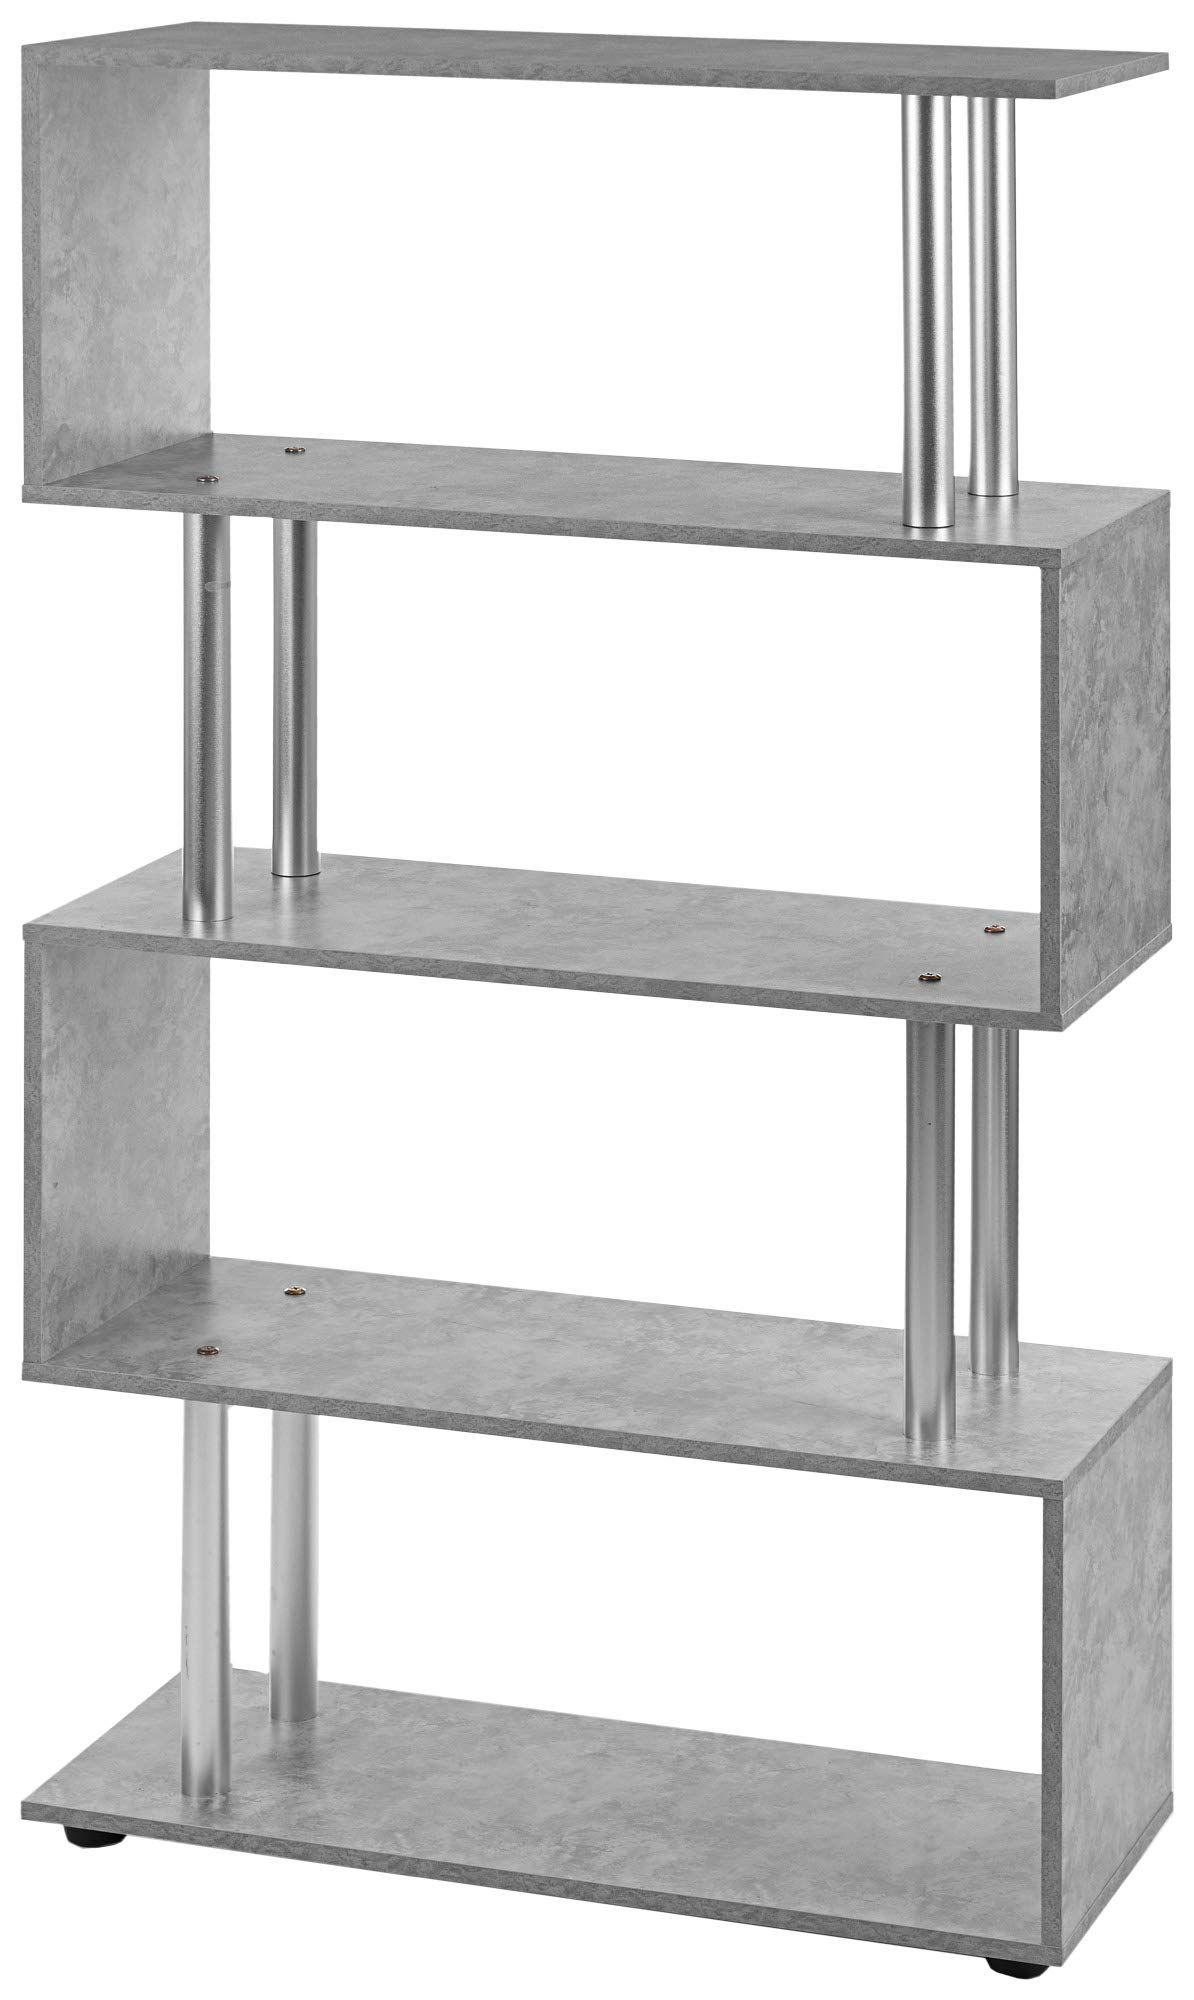 Ts Ideen Design Raumteiler Regal Wand Hochregal Standregal B Cherregal Holz Grau Betonoptik In 2020 Raumteiler Regal Raumteiler Betonoptik